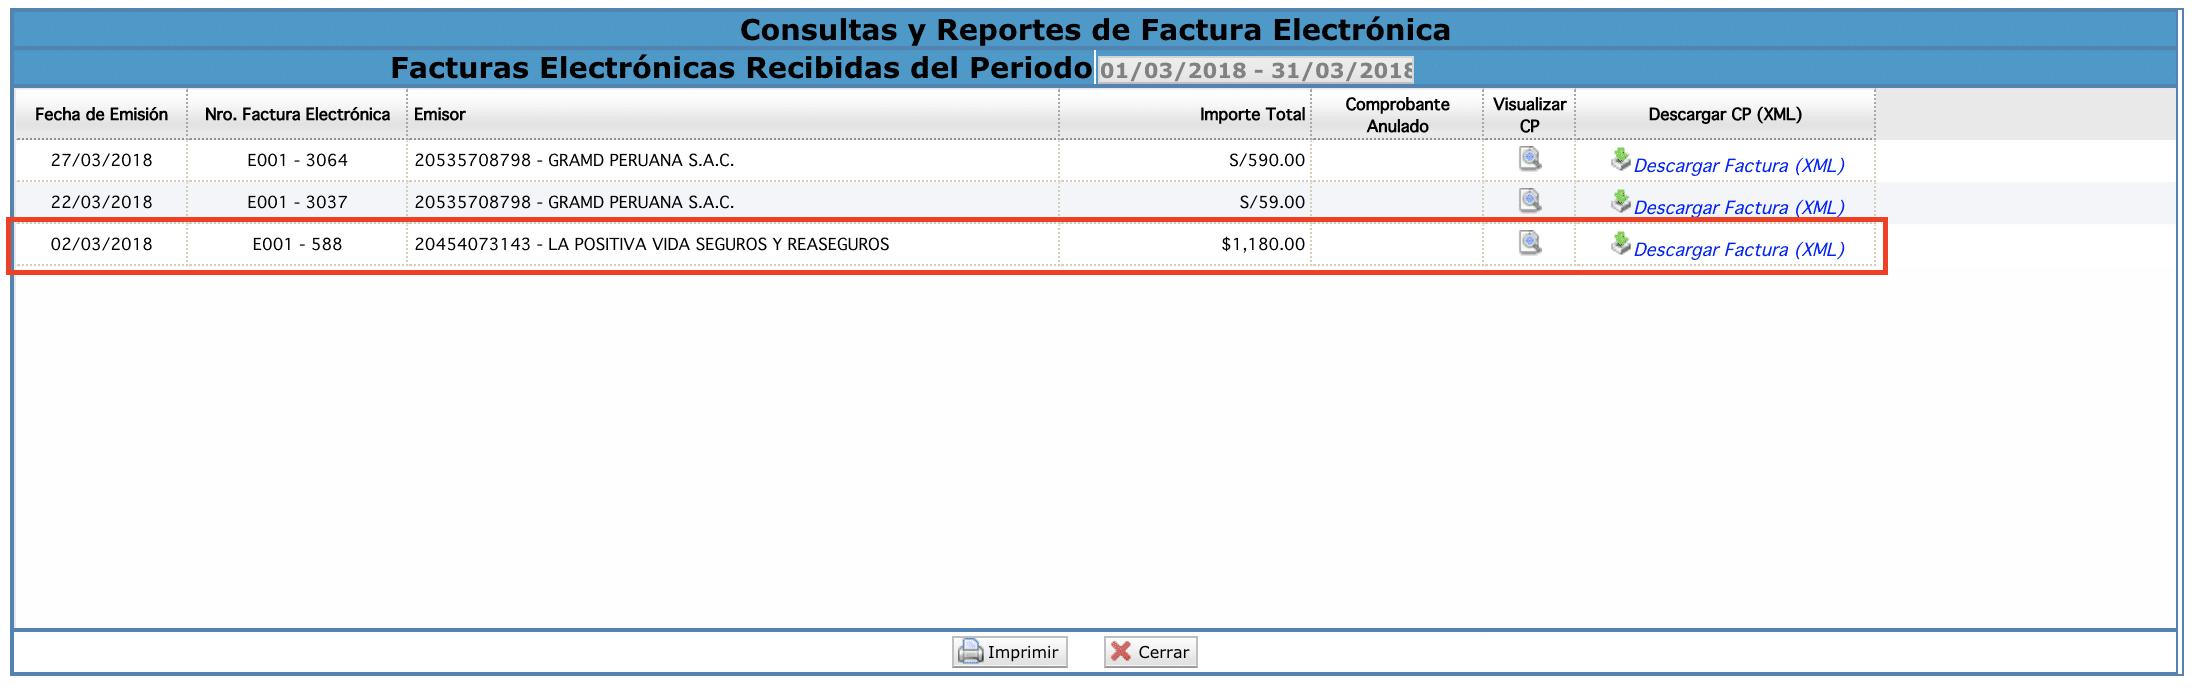 consultas y reportes de facturacion electronica